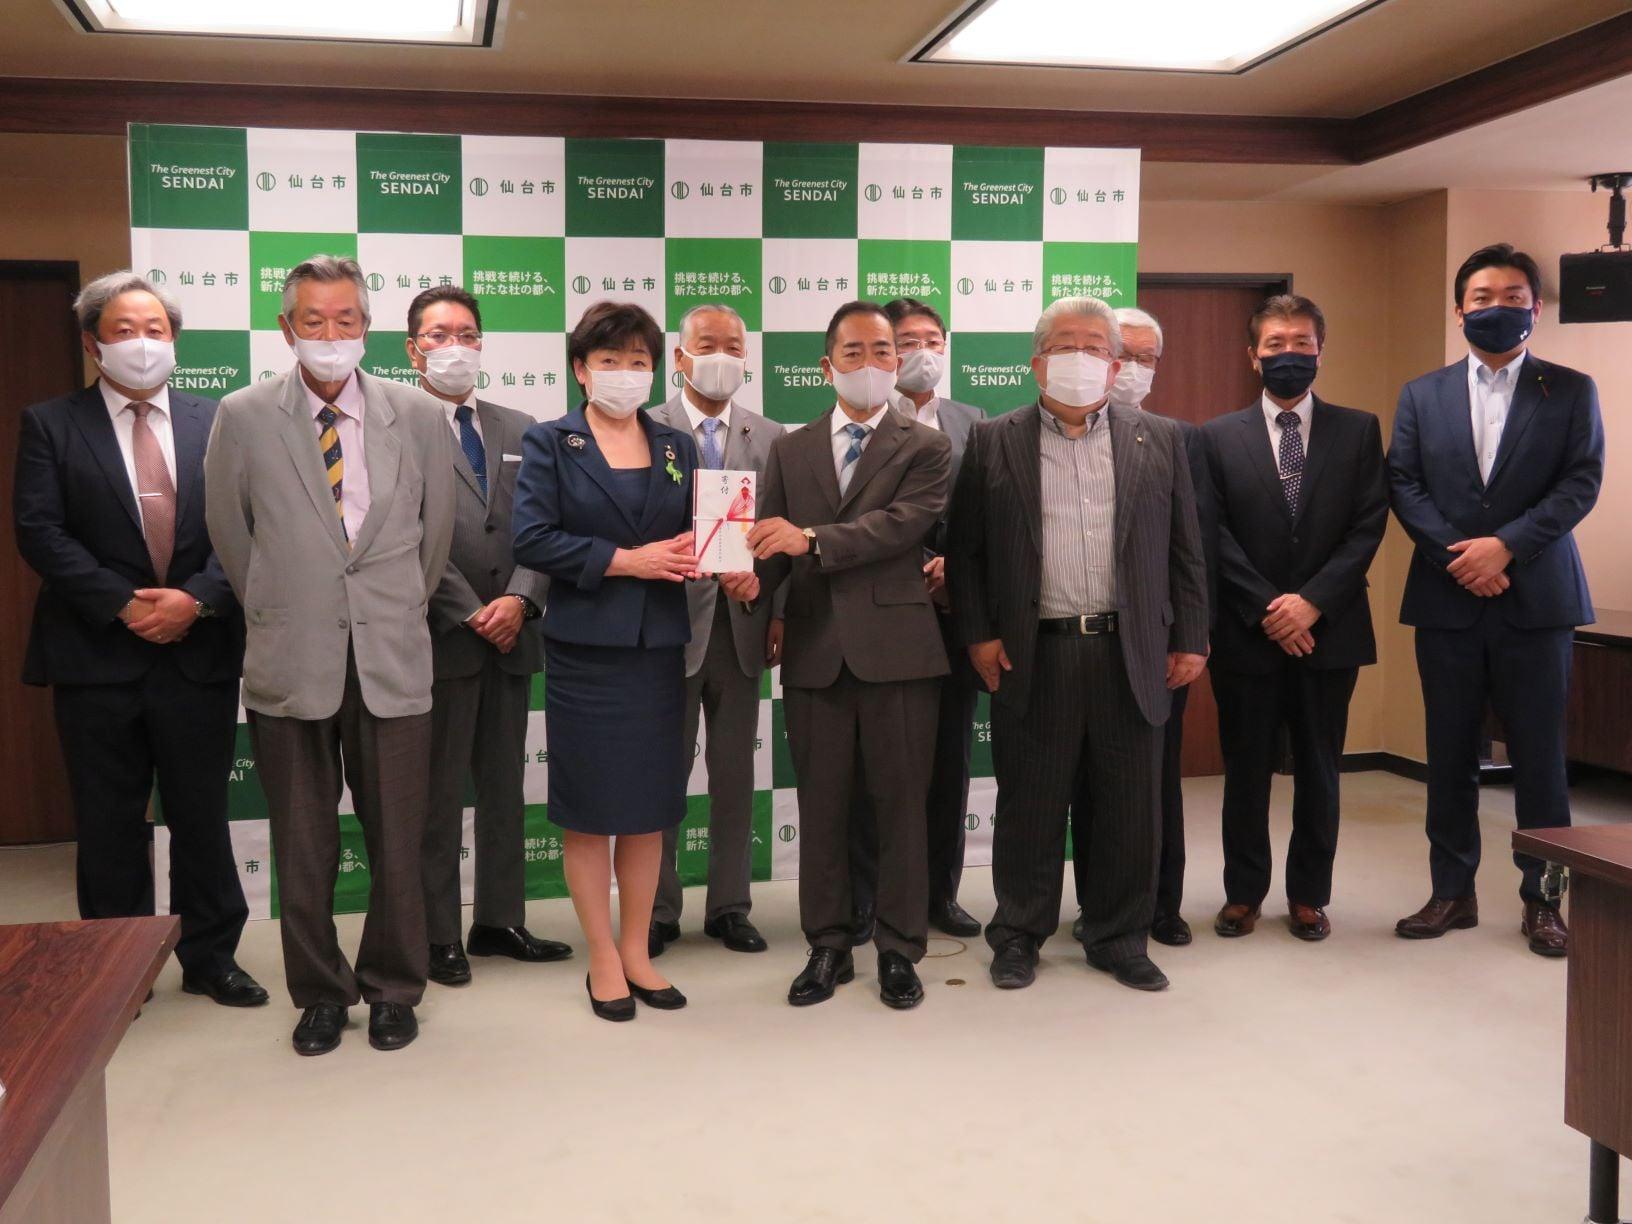 令和3年6月10日 宮城県交通安全施設業協同組合より仙台市に対する寄附金の贈呈式